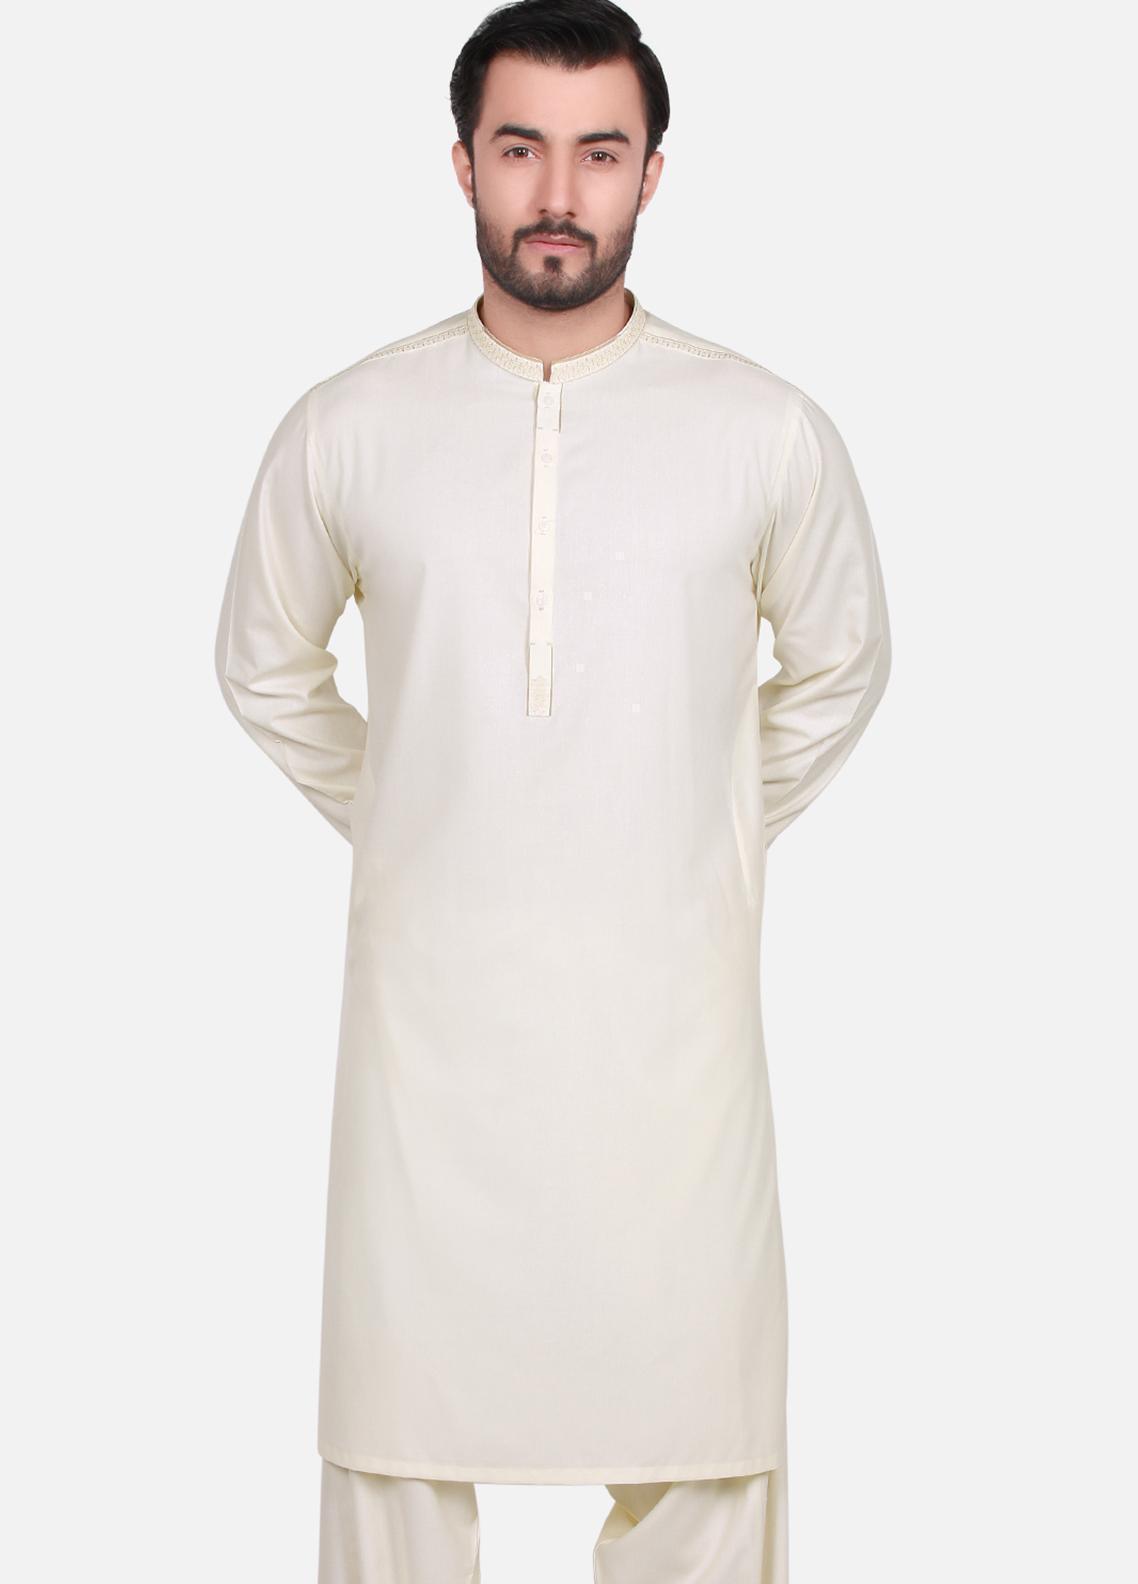 Edenrobe Wash N Wear Formal Men Kameez Shalwar - Yellow EMTKS19S-40687